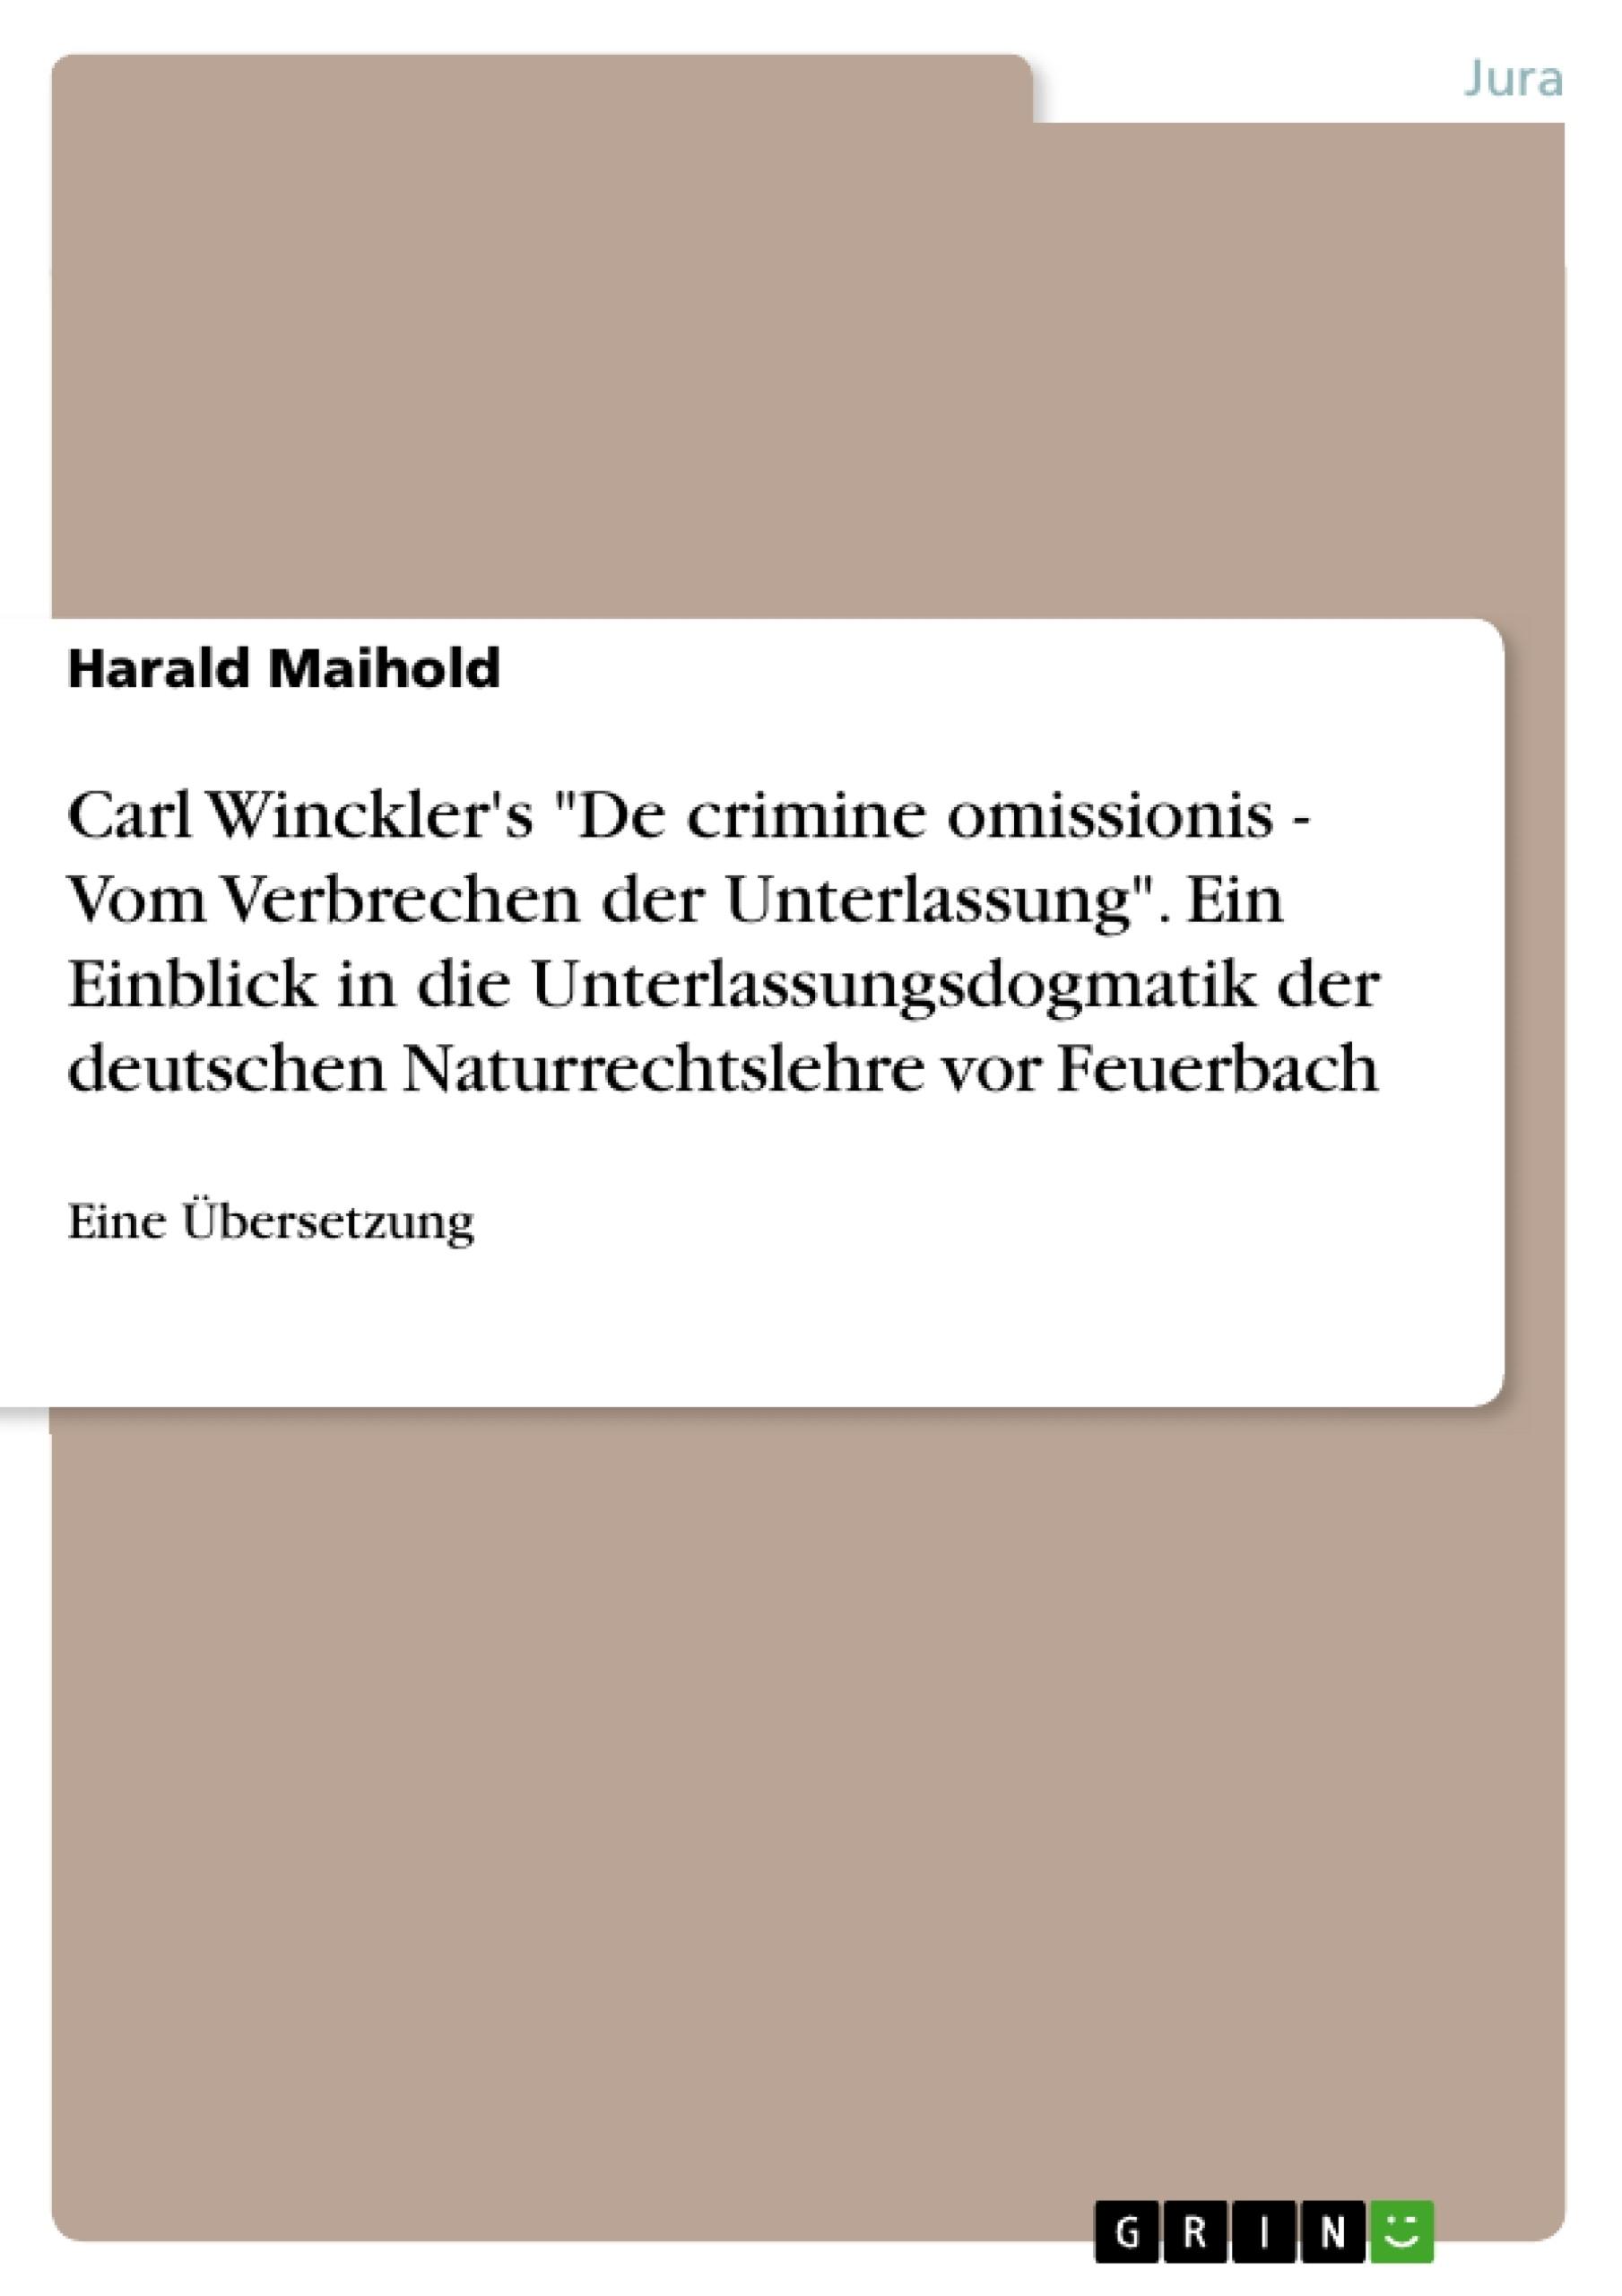 """Titel: Carl Winckler's """"De crimine omissionis - Vom Verbrechen der Unterlassung"""". Ein Einblick in die Unterlassungsdogmatik der deutschen Naturrechtslehre vor Feuerbach"""